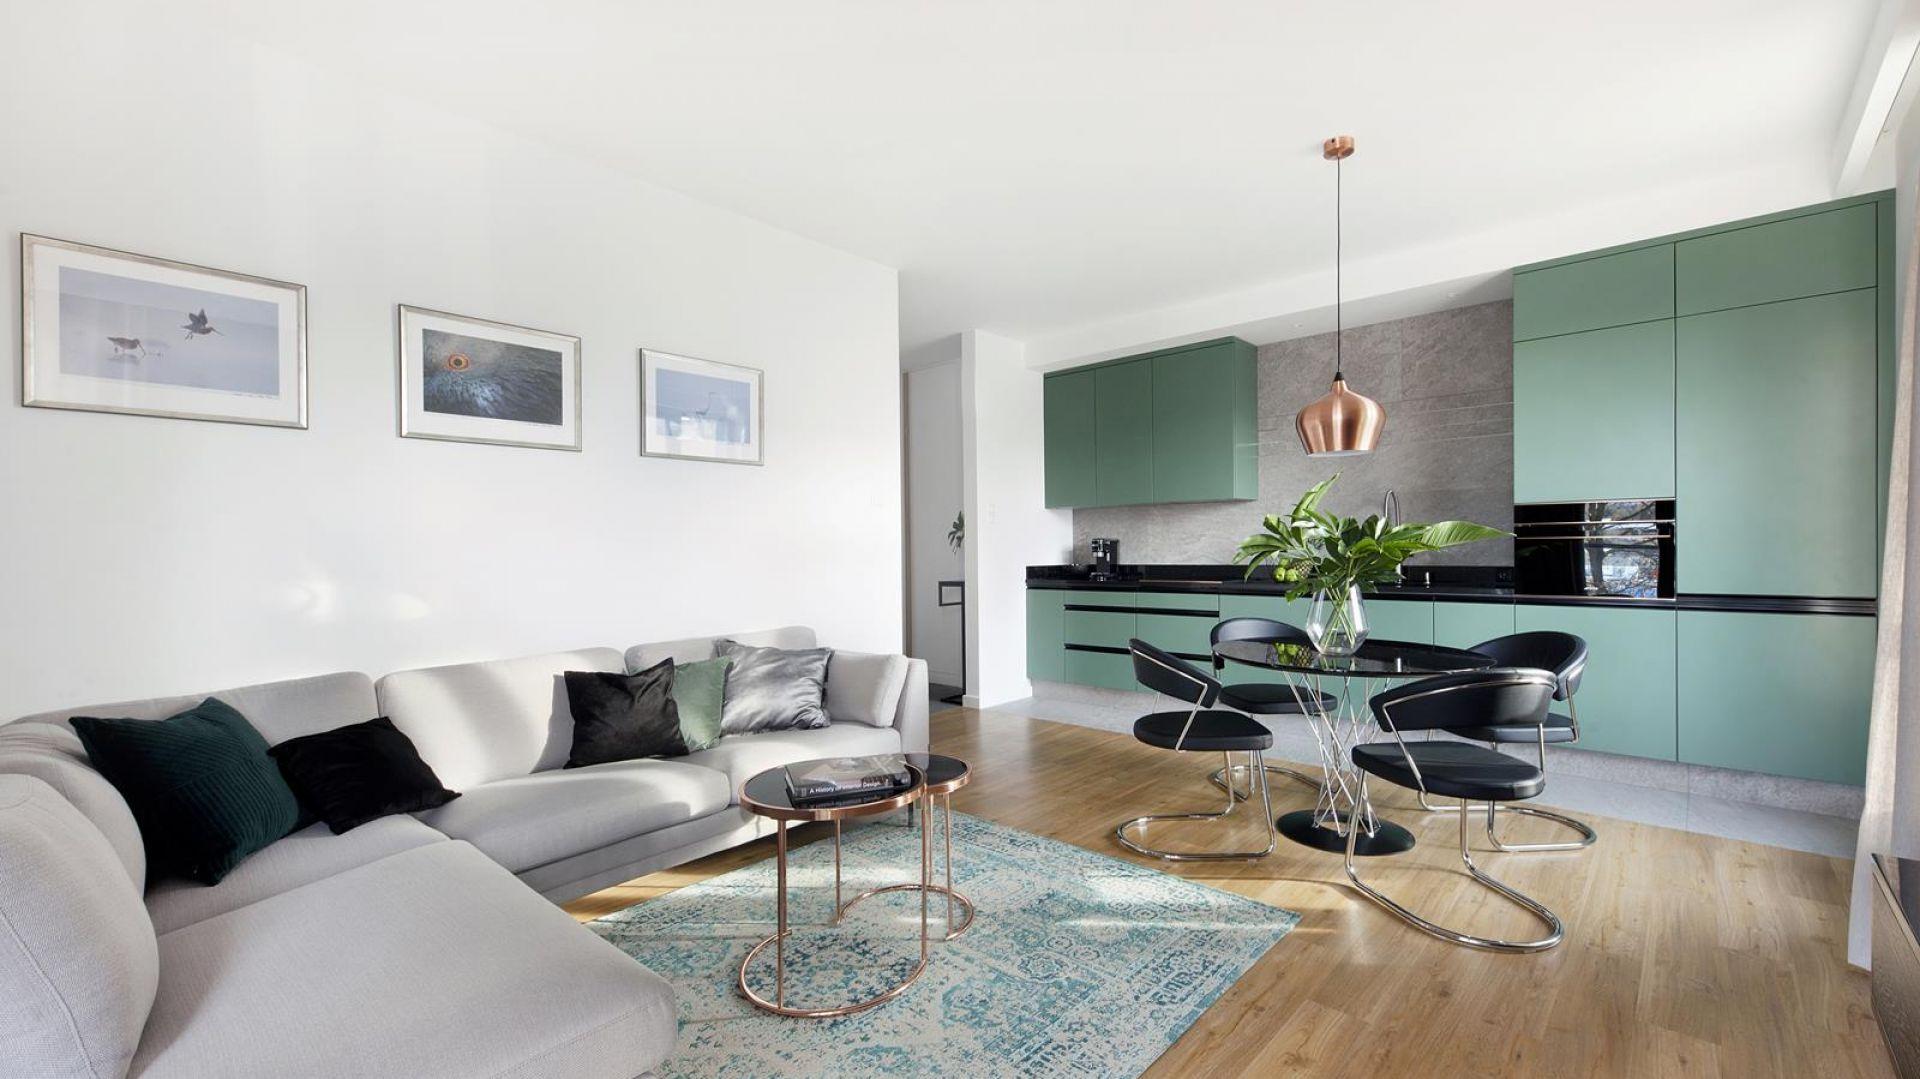 Salon z kuchnią i jadalnią. Najlepsze pomysły na małą przestrzeń. Projekt Studio Loko